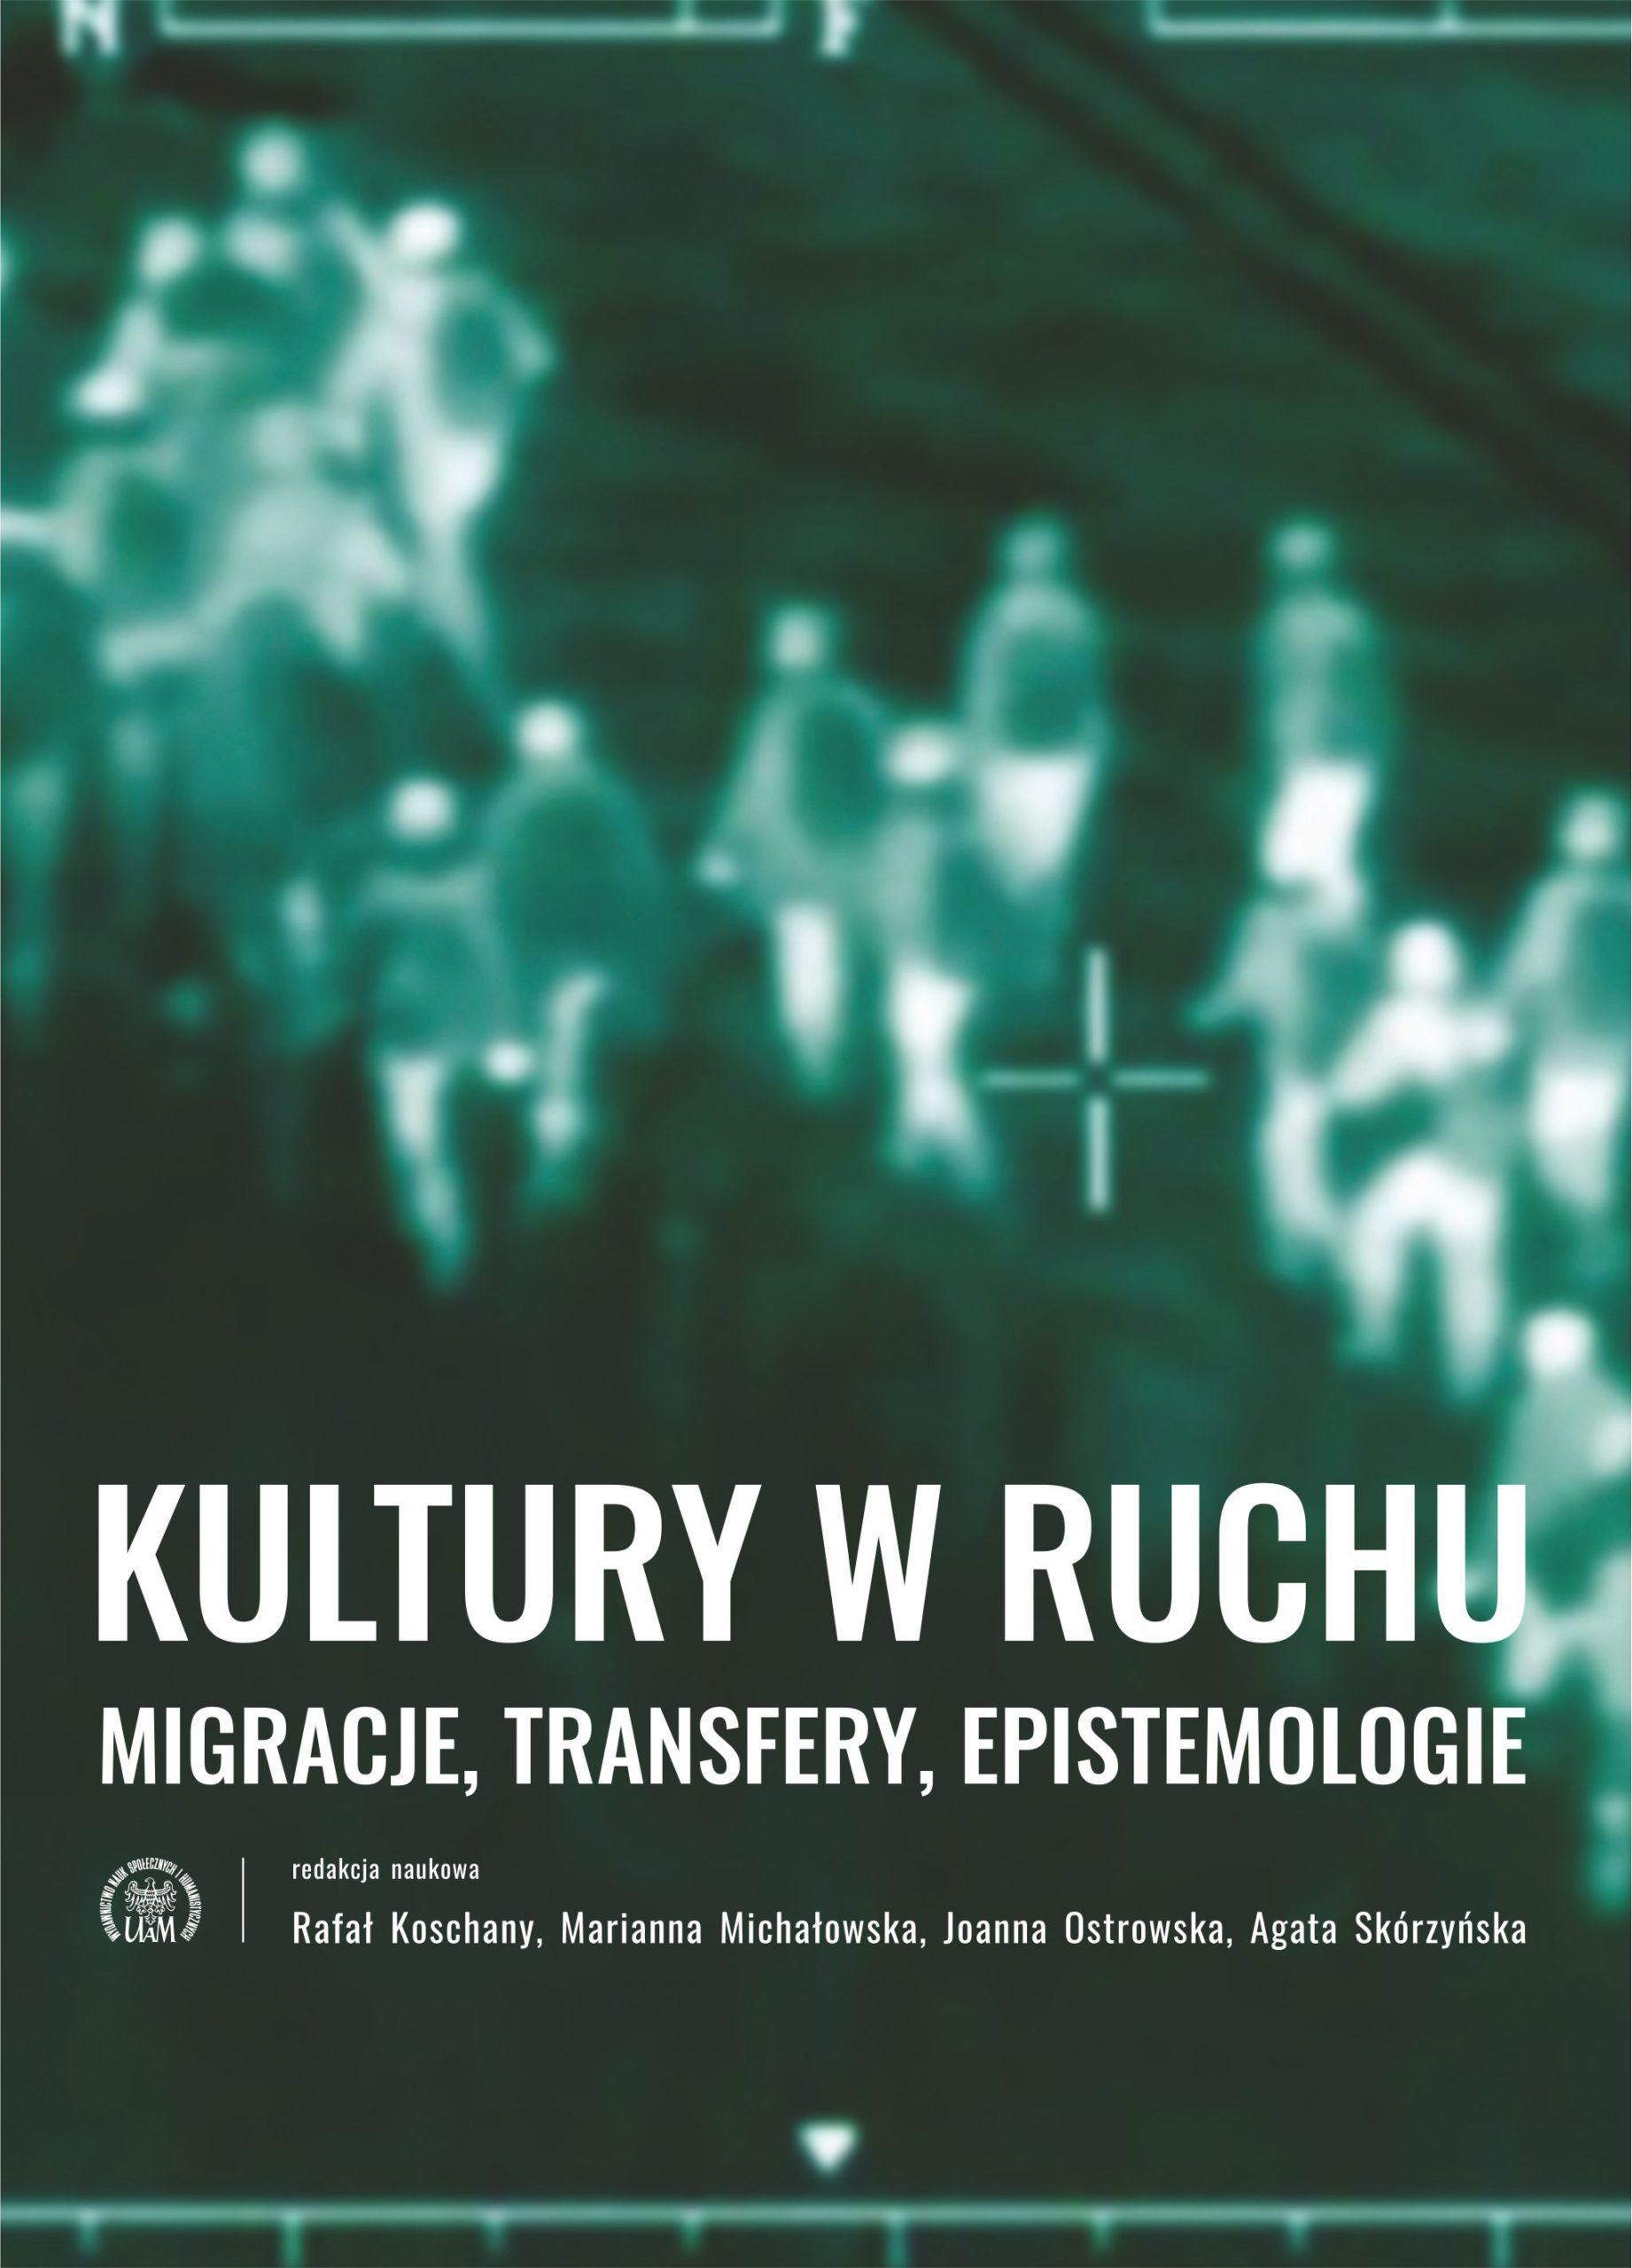 Kultury w ruchu. Migracje, transfery, epistemologie - Kulturoznawstwo UAM